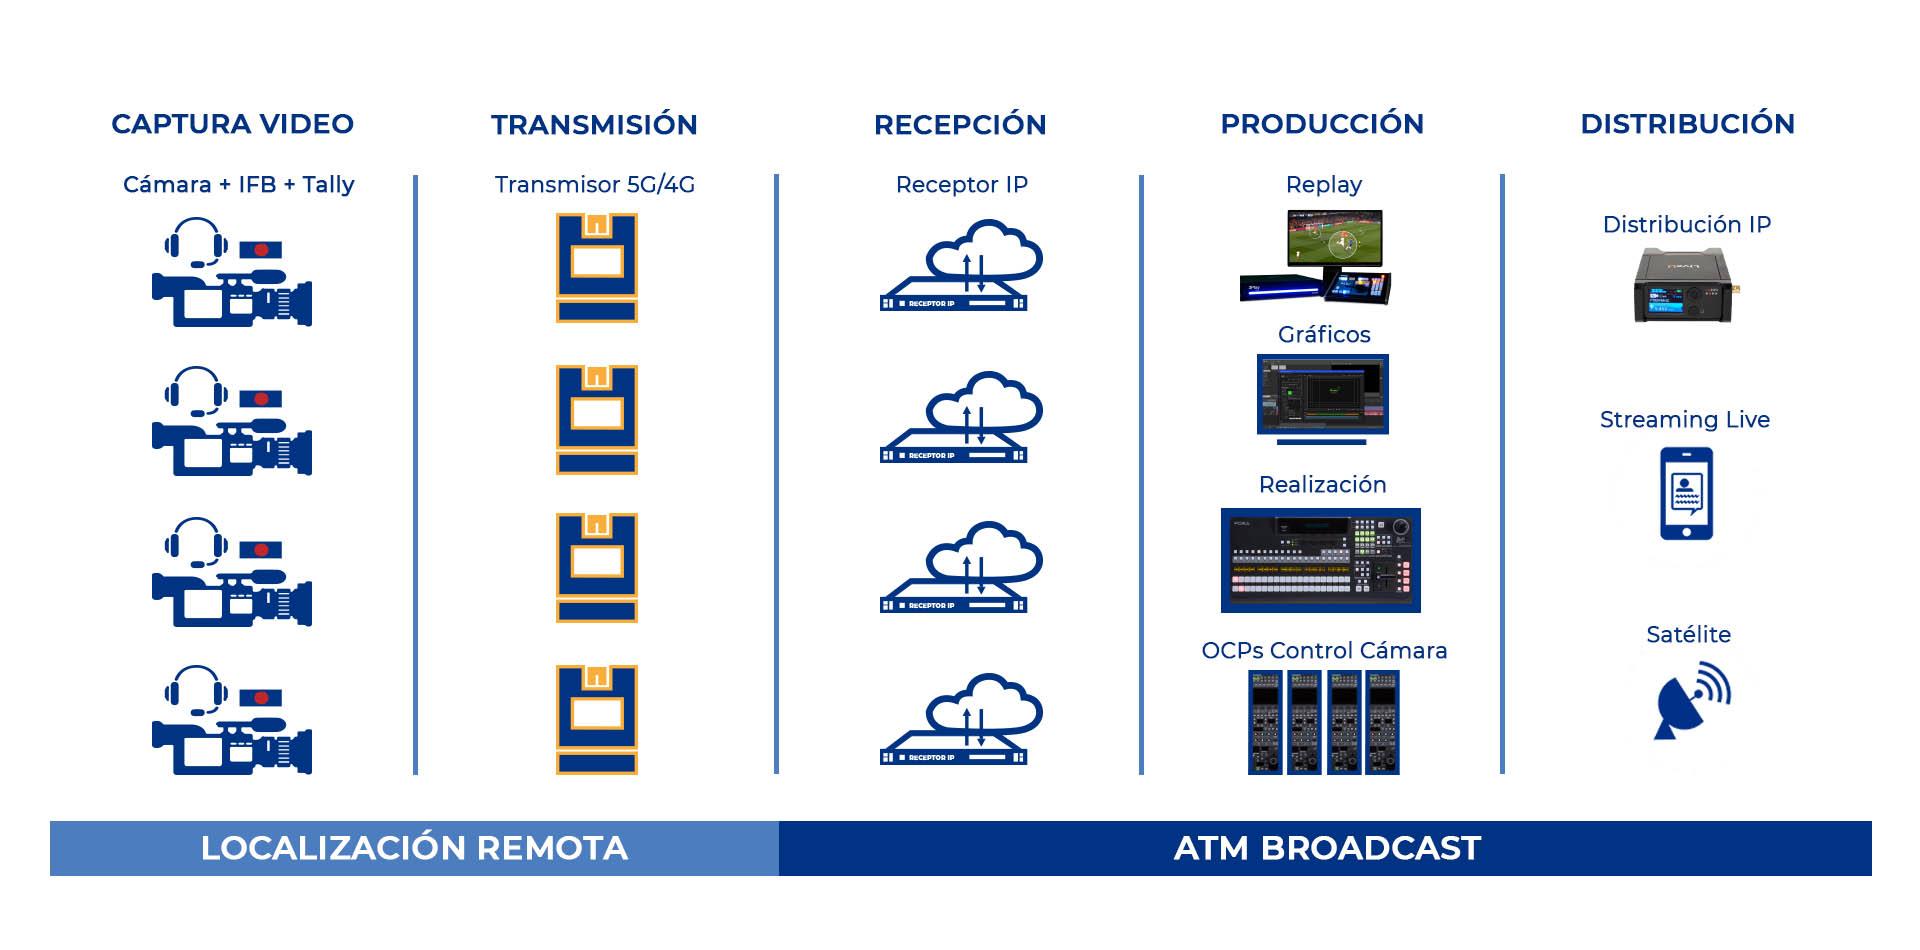 plano de realización remota atm broadcast